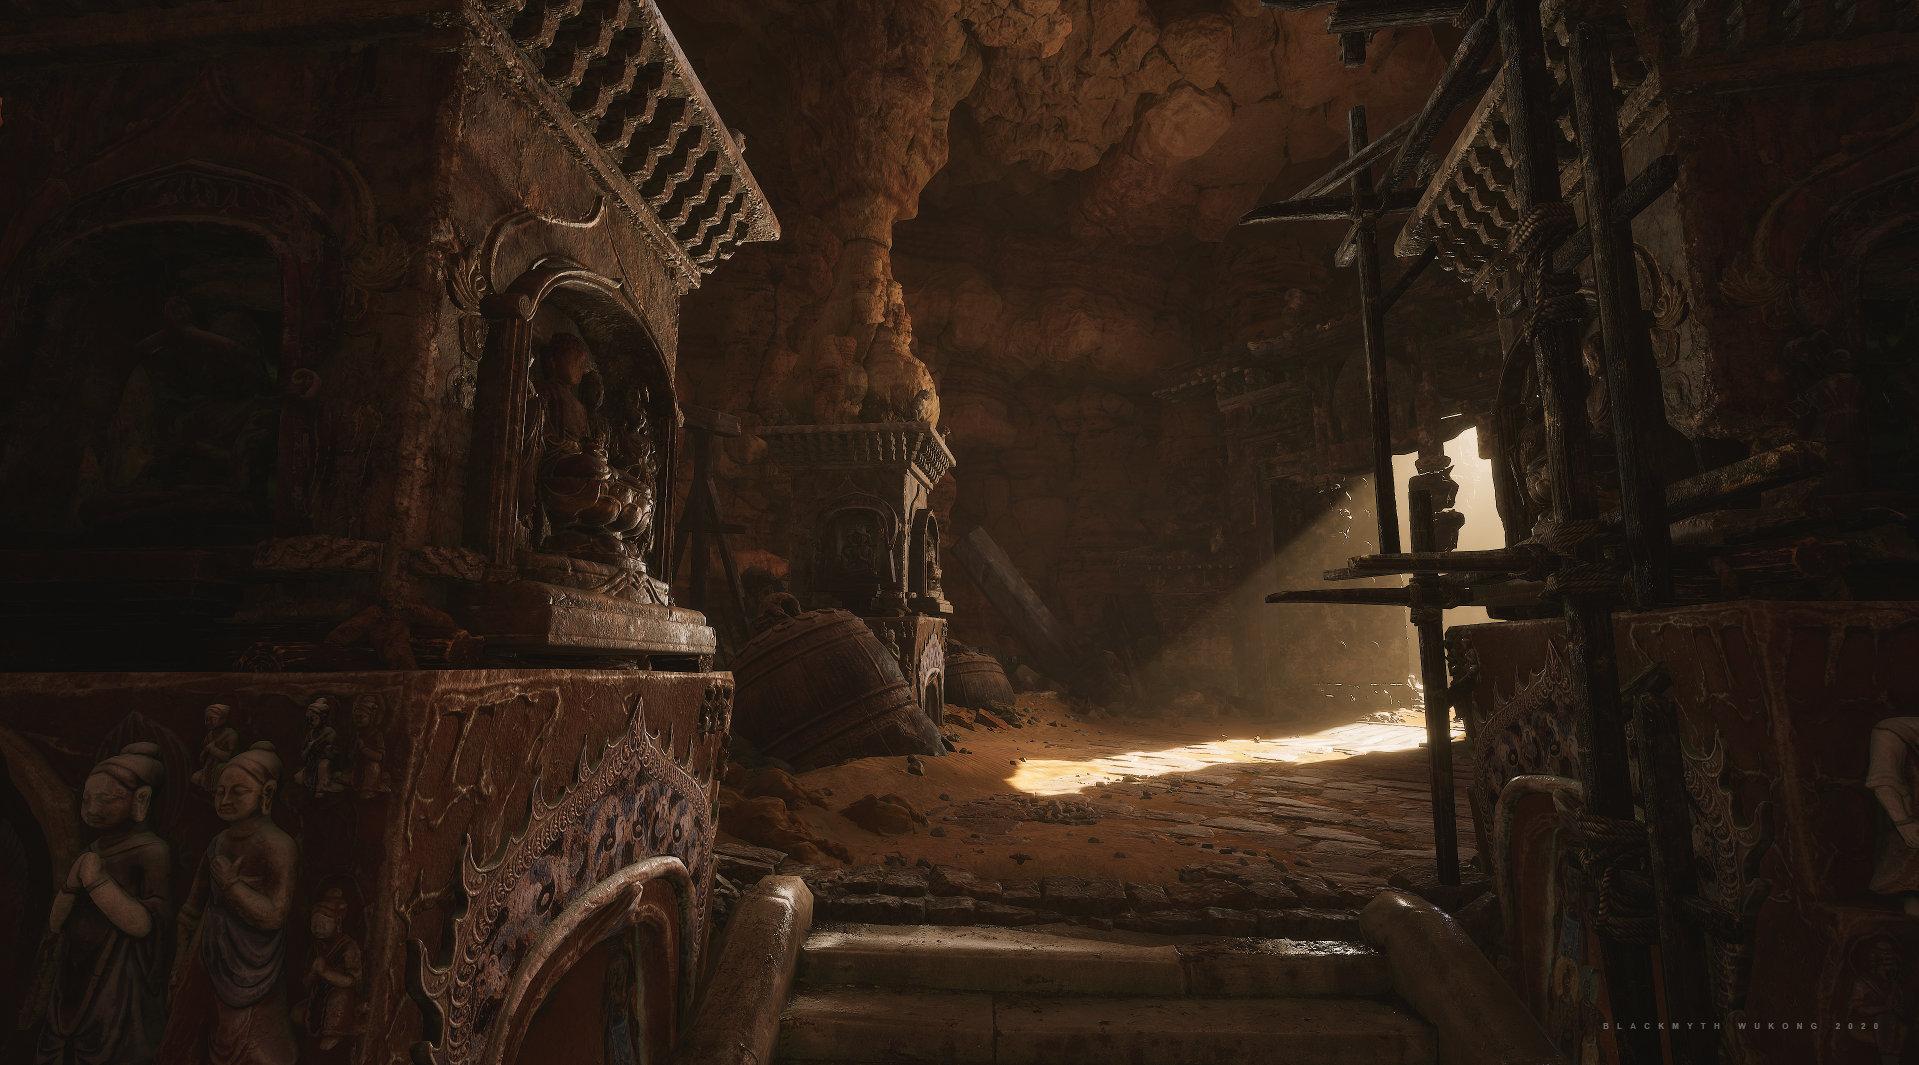 国产游戏《黑神话:悟空》新截图 光影作用超卓